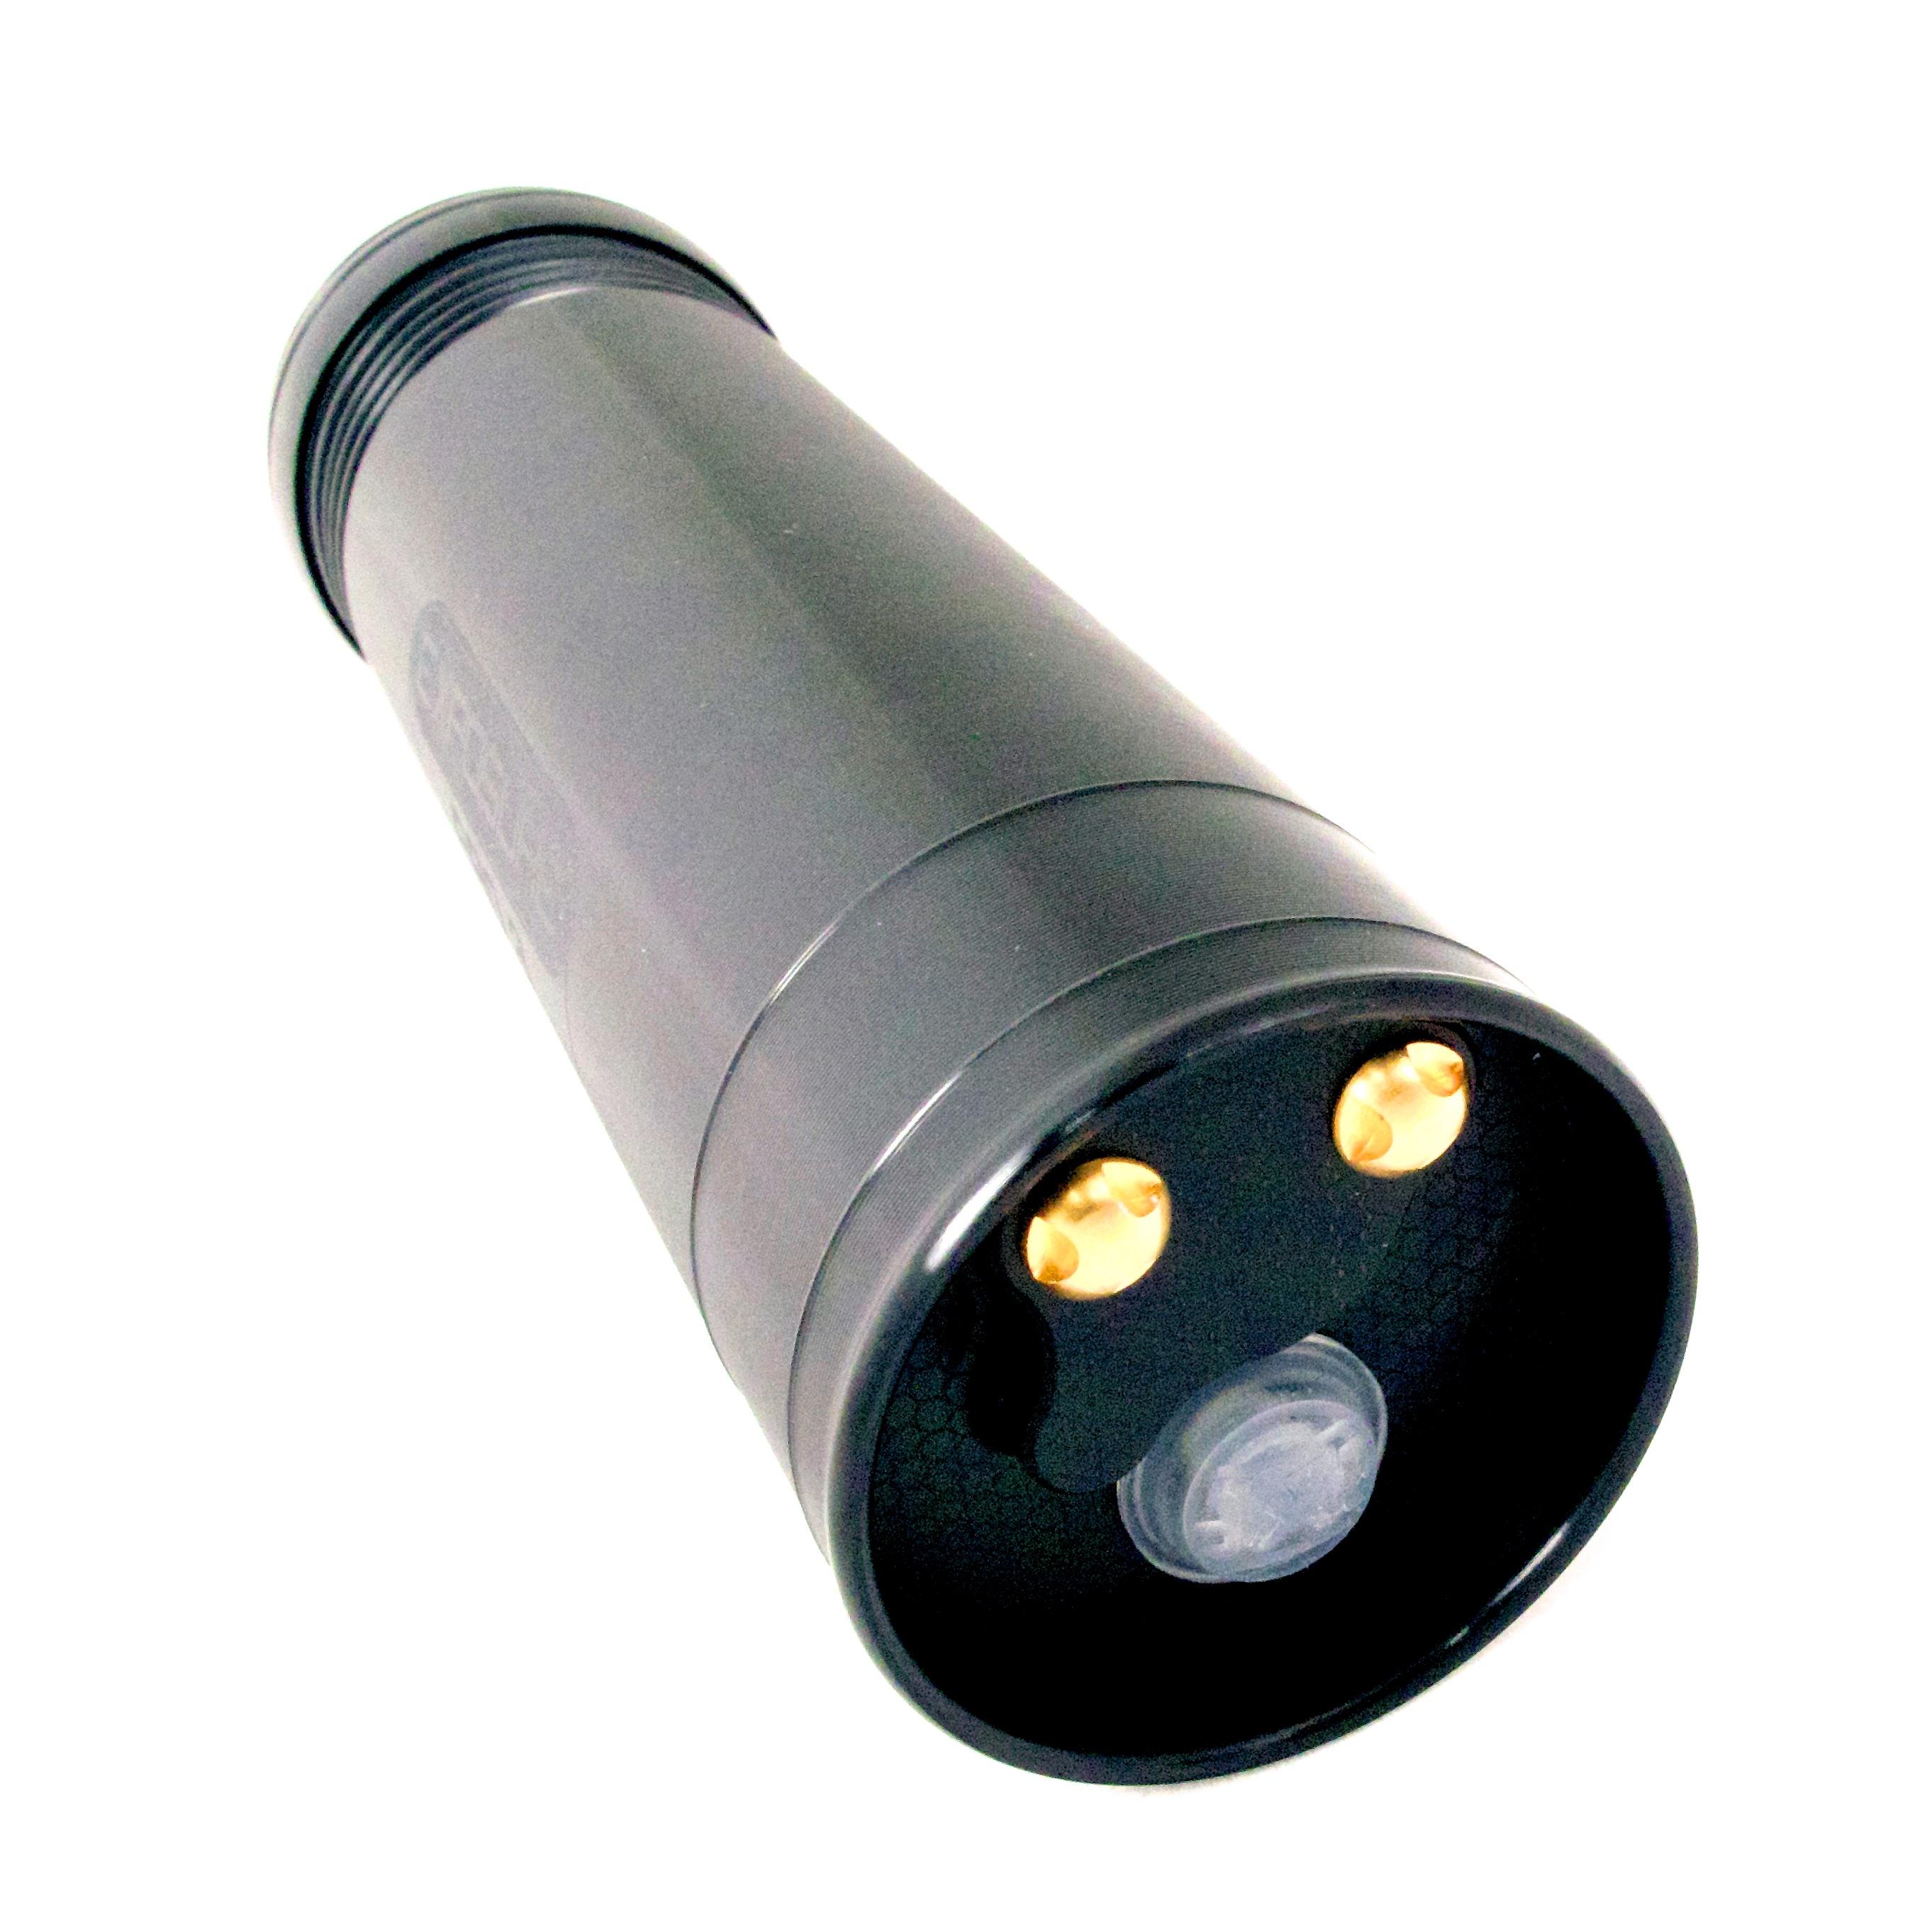 Lampe torche tanche lampe torche puissante lampe torche rechargeable torche led lampe - Lampe torche la plus puissante ...